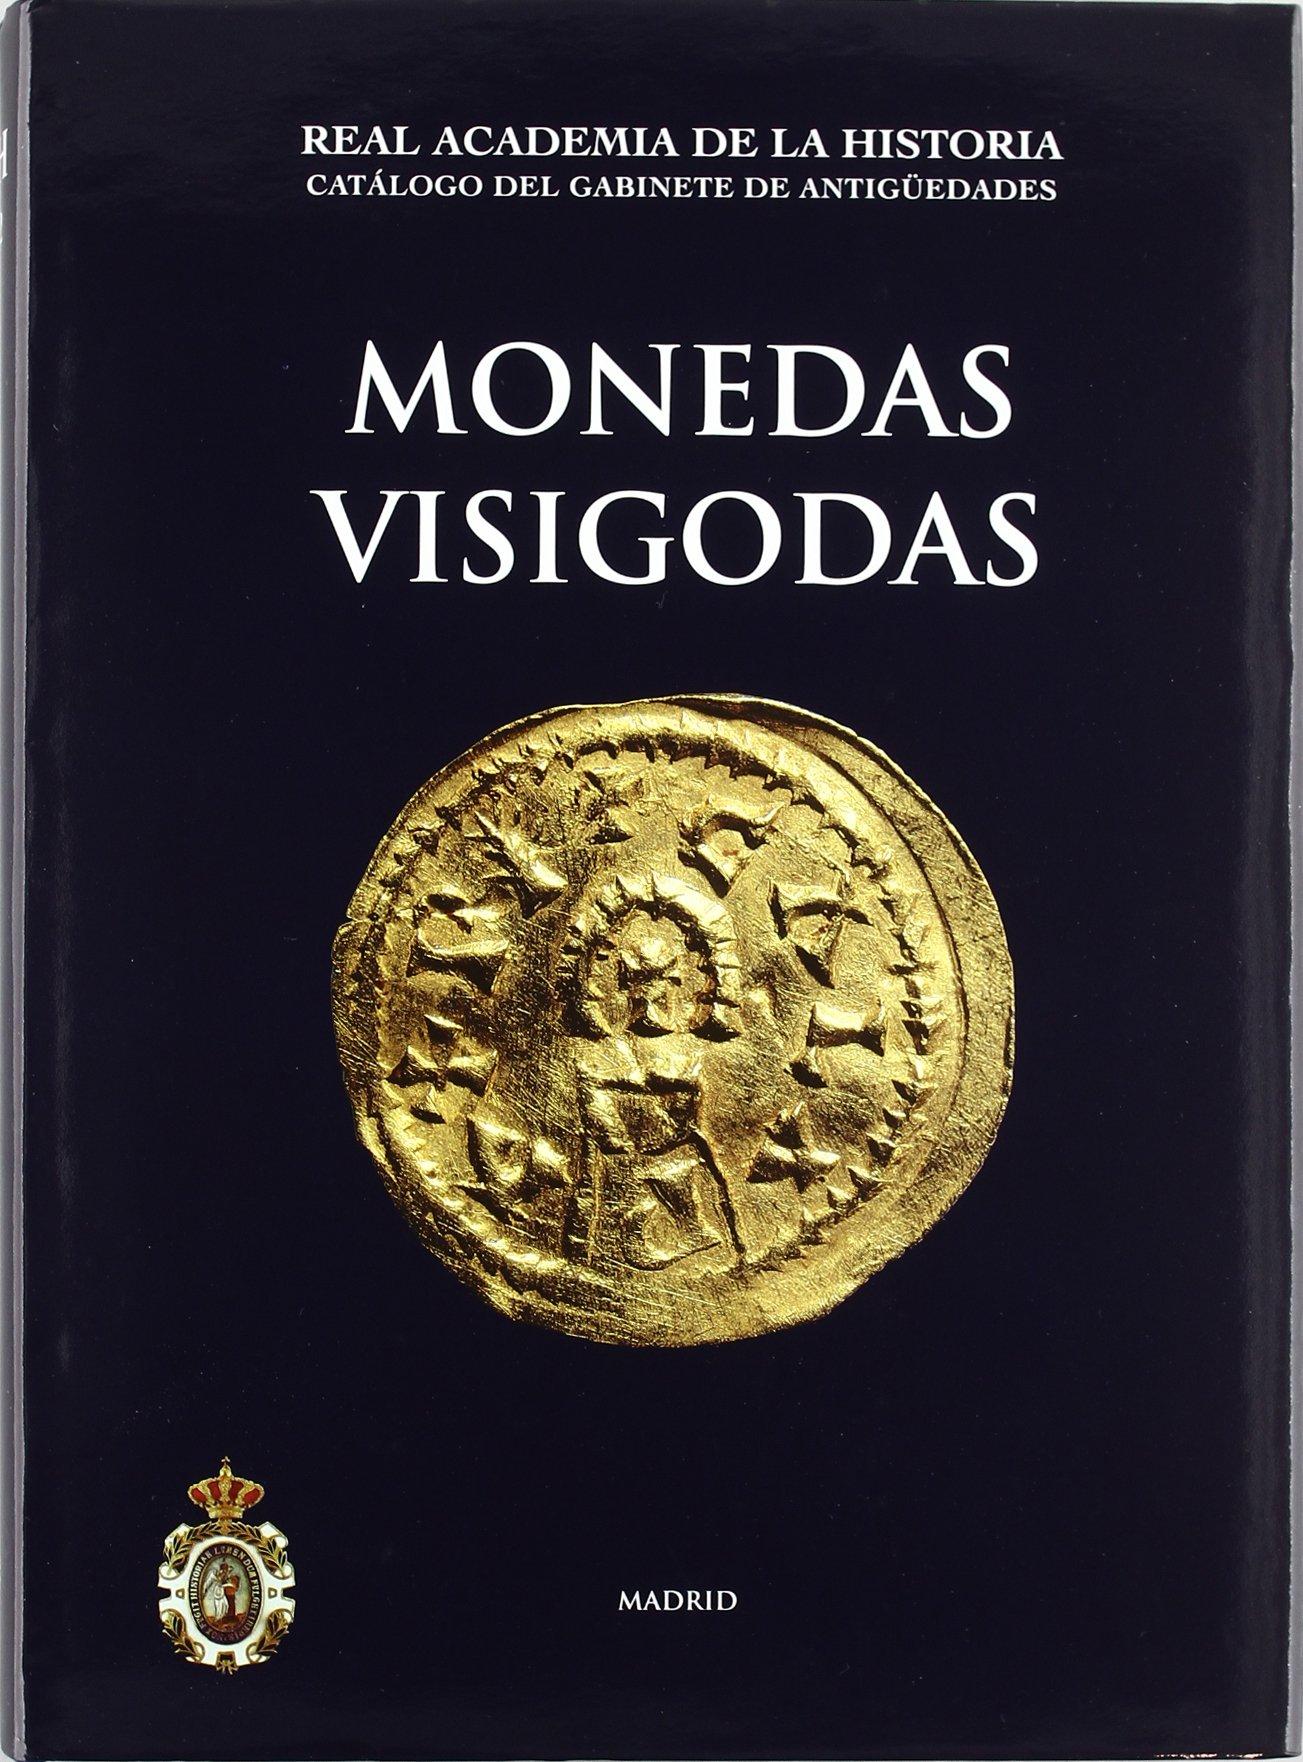 Monedas Visigodas. Catálogos. II. Monedas y Medallas.: Amazon.es: Canto García, Albert, Martín Escudero, Fátima, Vico Monteoliva, Jesús: Libros